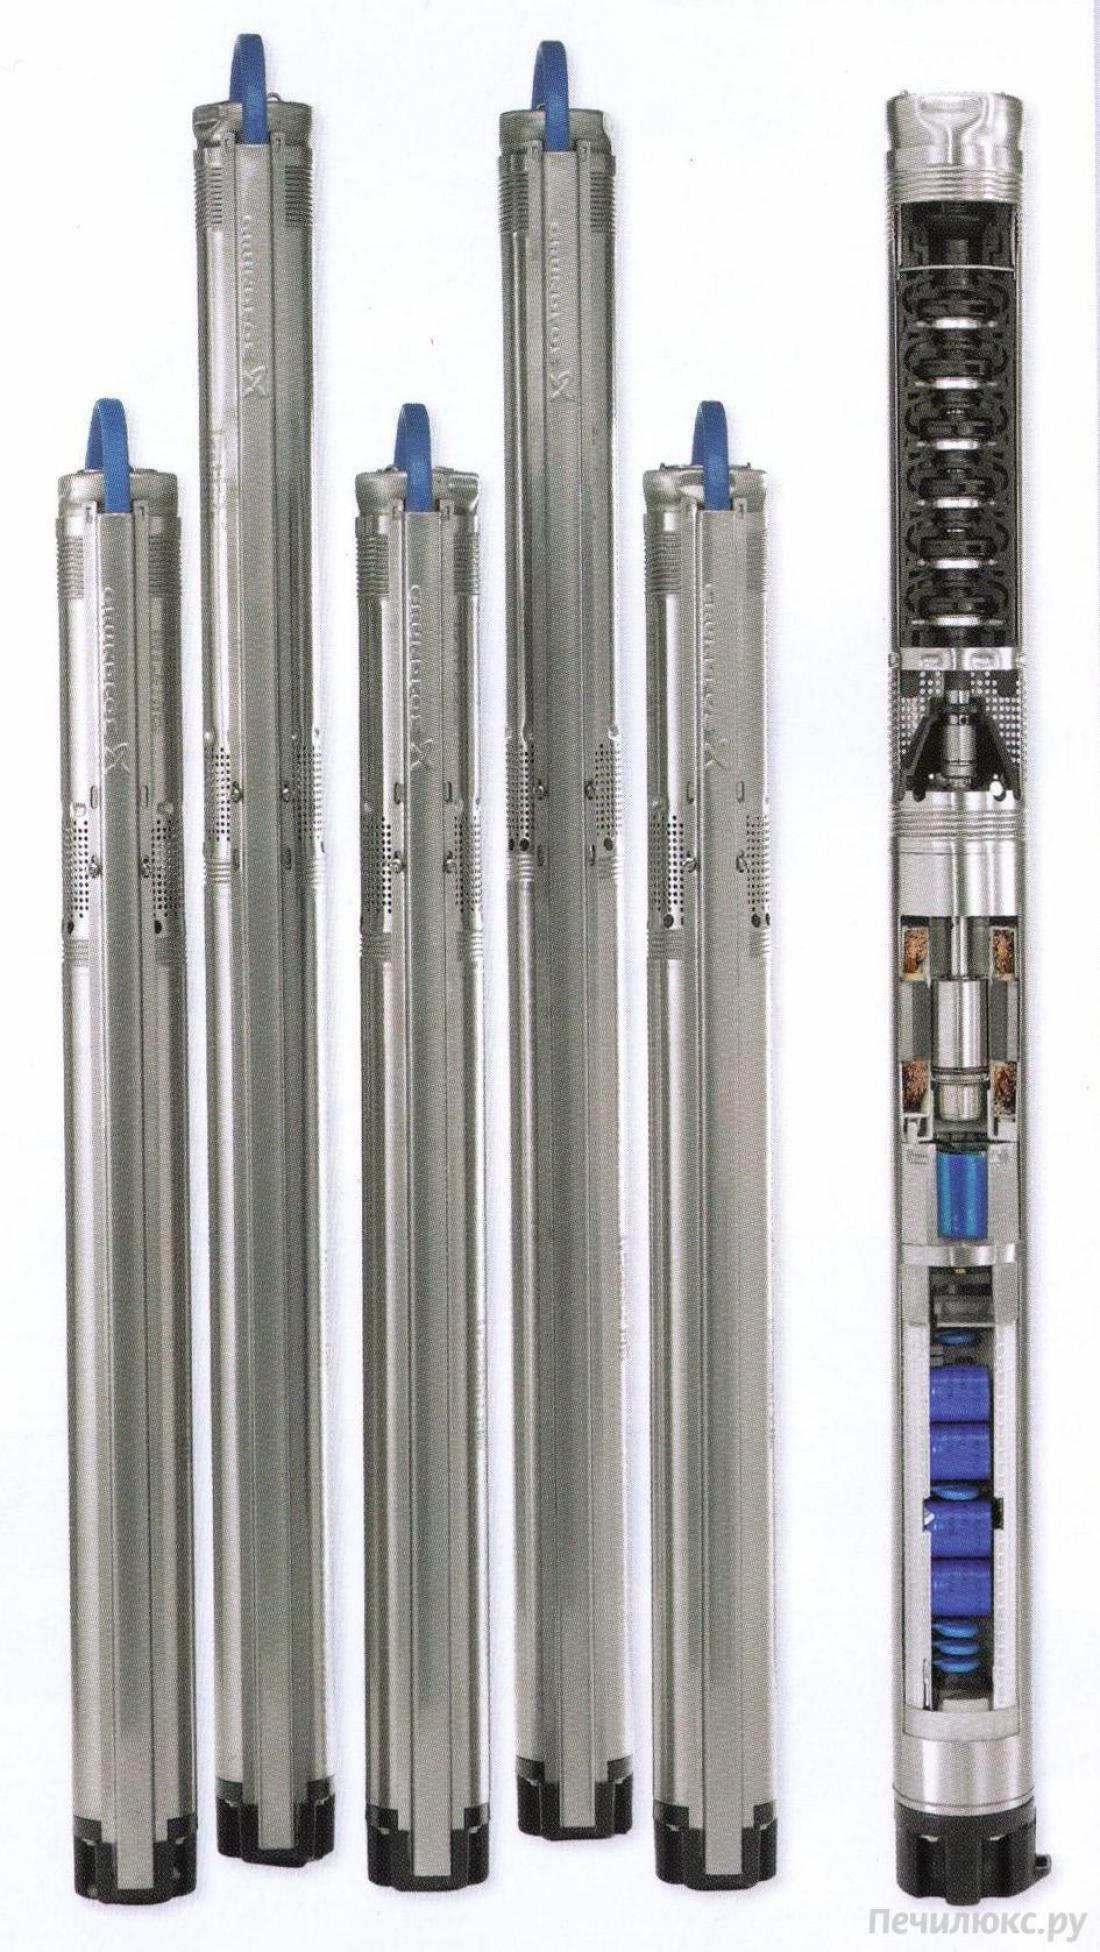 SQ  2- 85     1.15kW 200-240V 50/60Hz